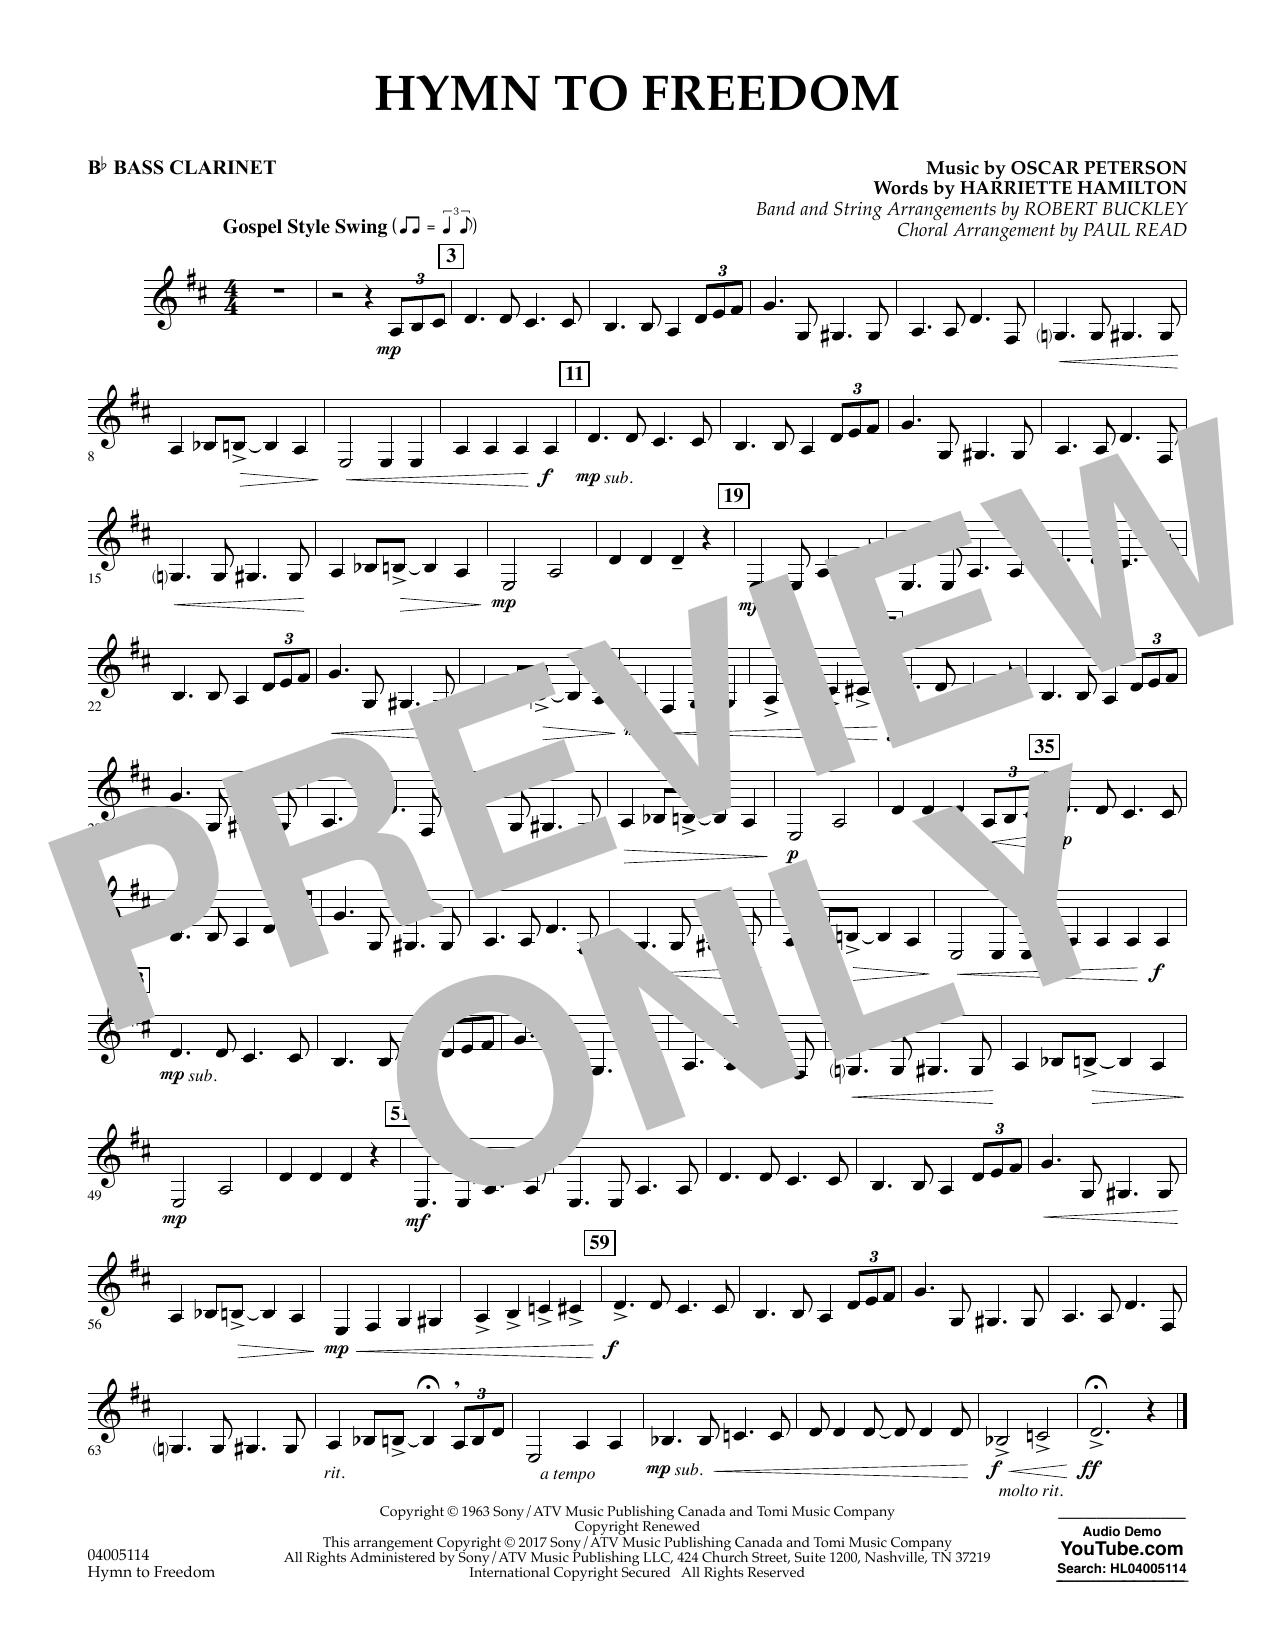 Hymn to Freedom - Bb Bass Clarinet (Flex-Band)